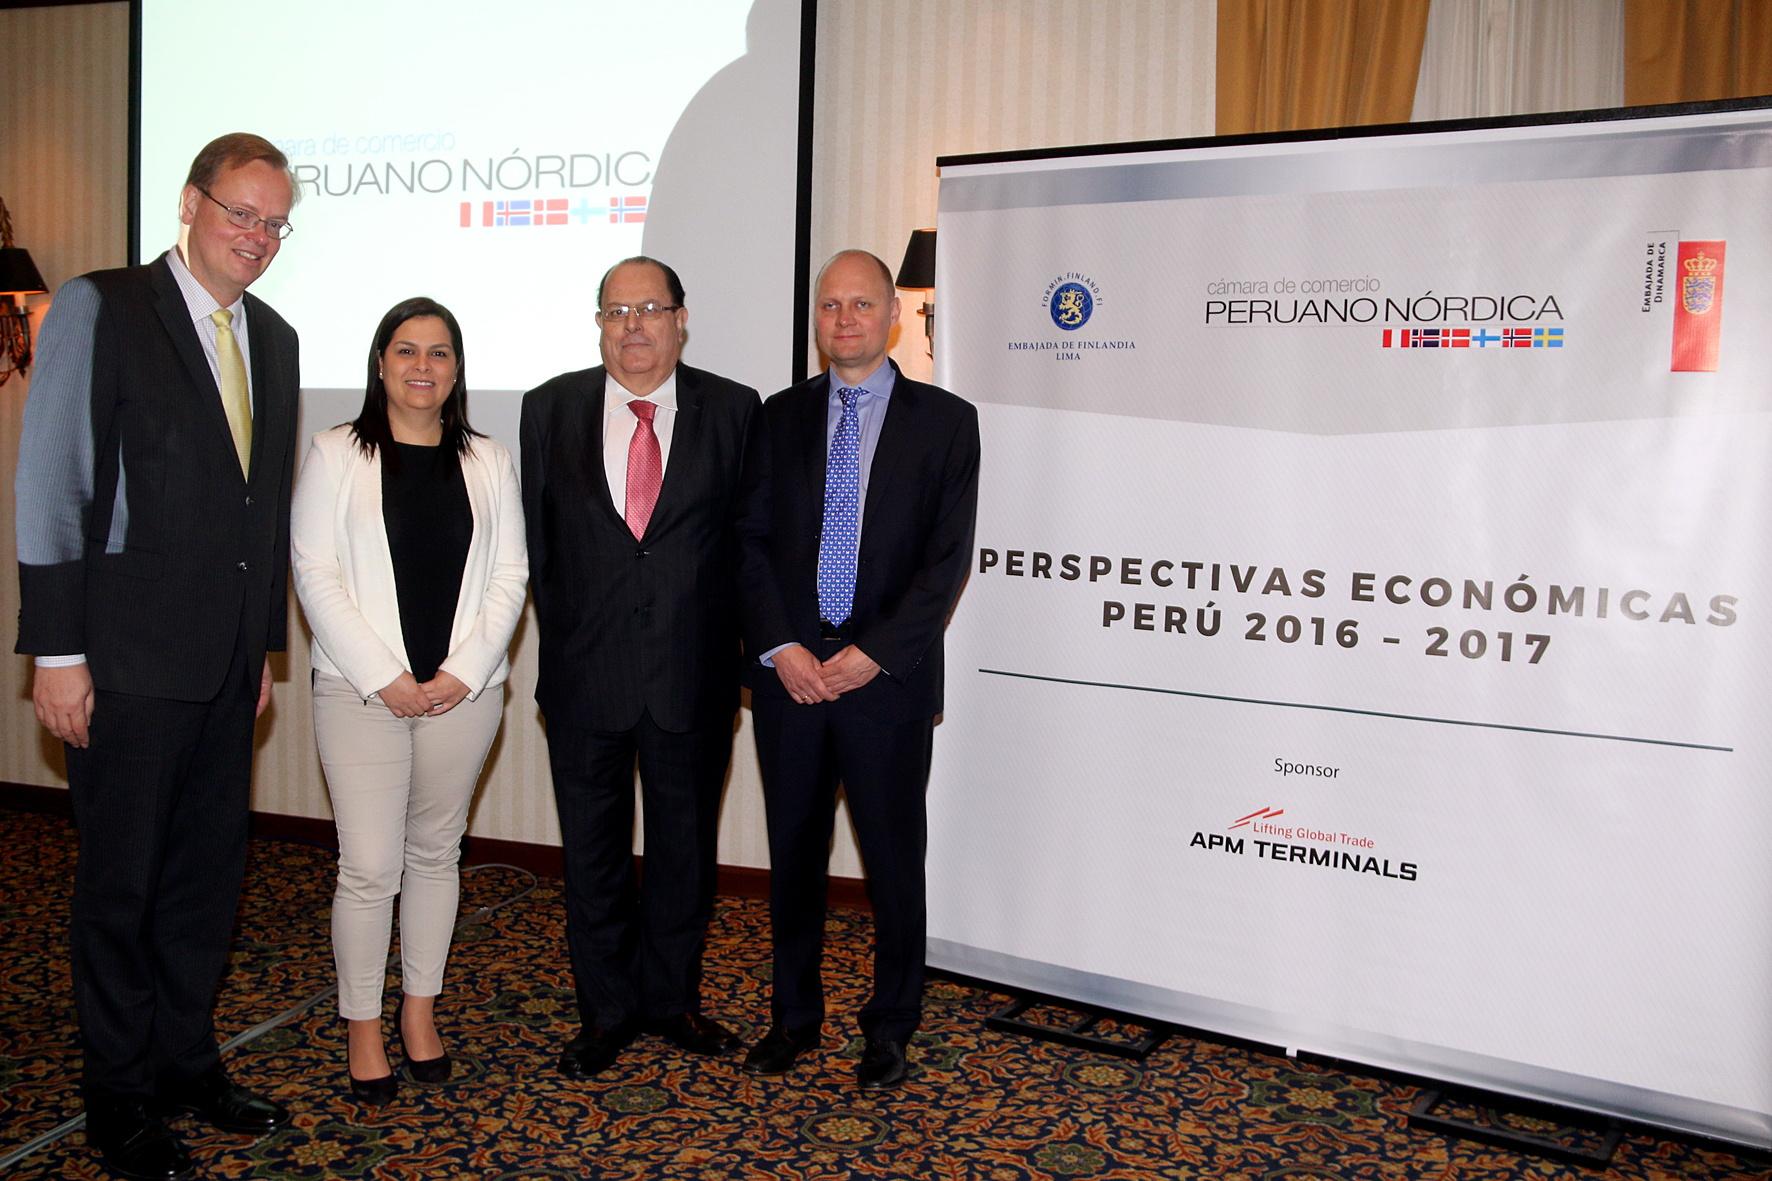 Perspectivas económicas 2016 2017 - Perú puede fortalecer su economía y crecer 5% en los próximos años